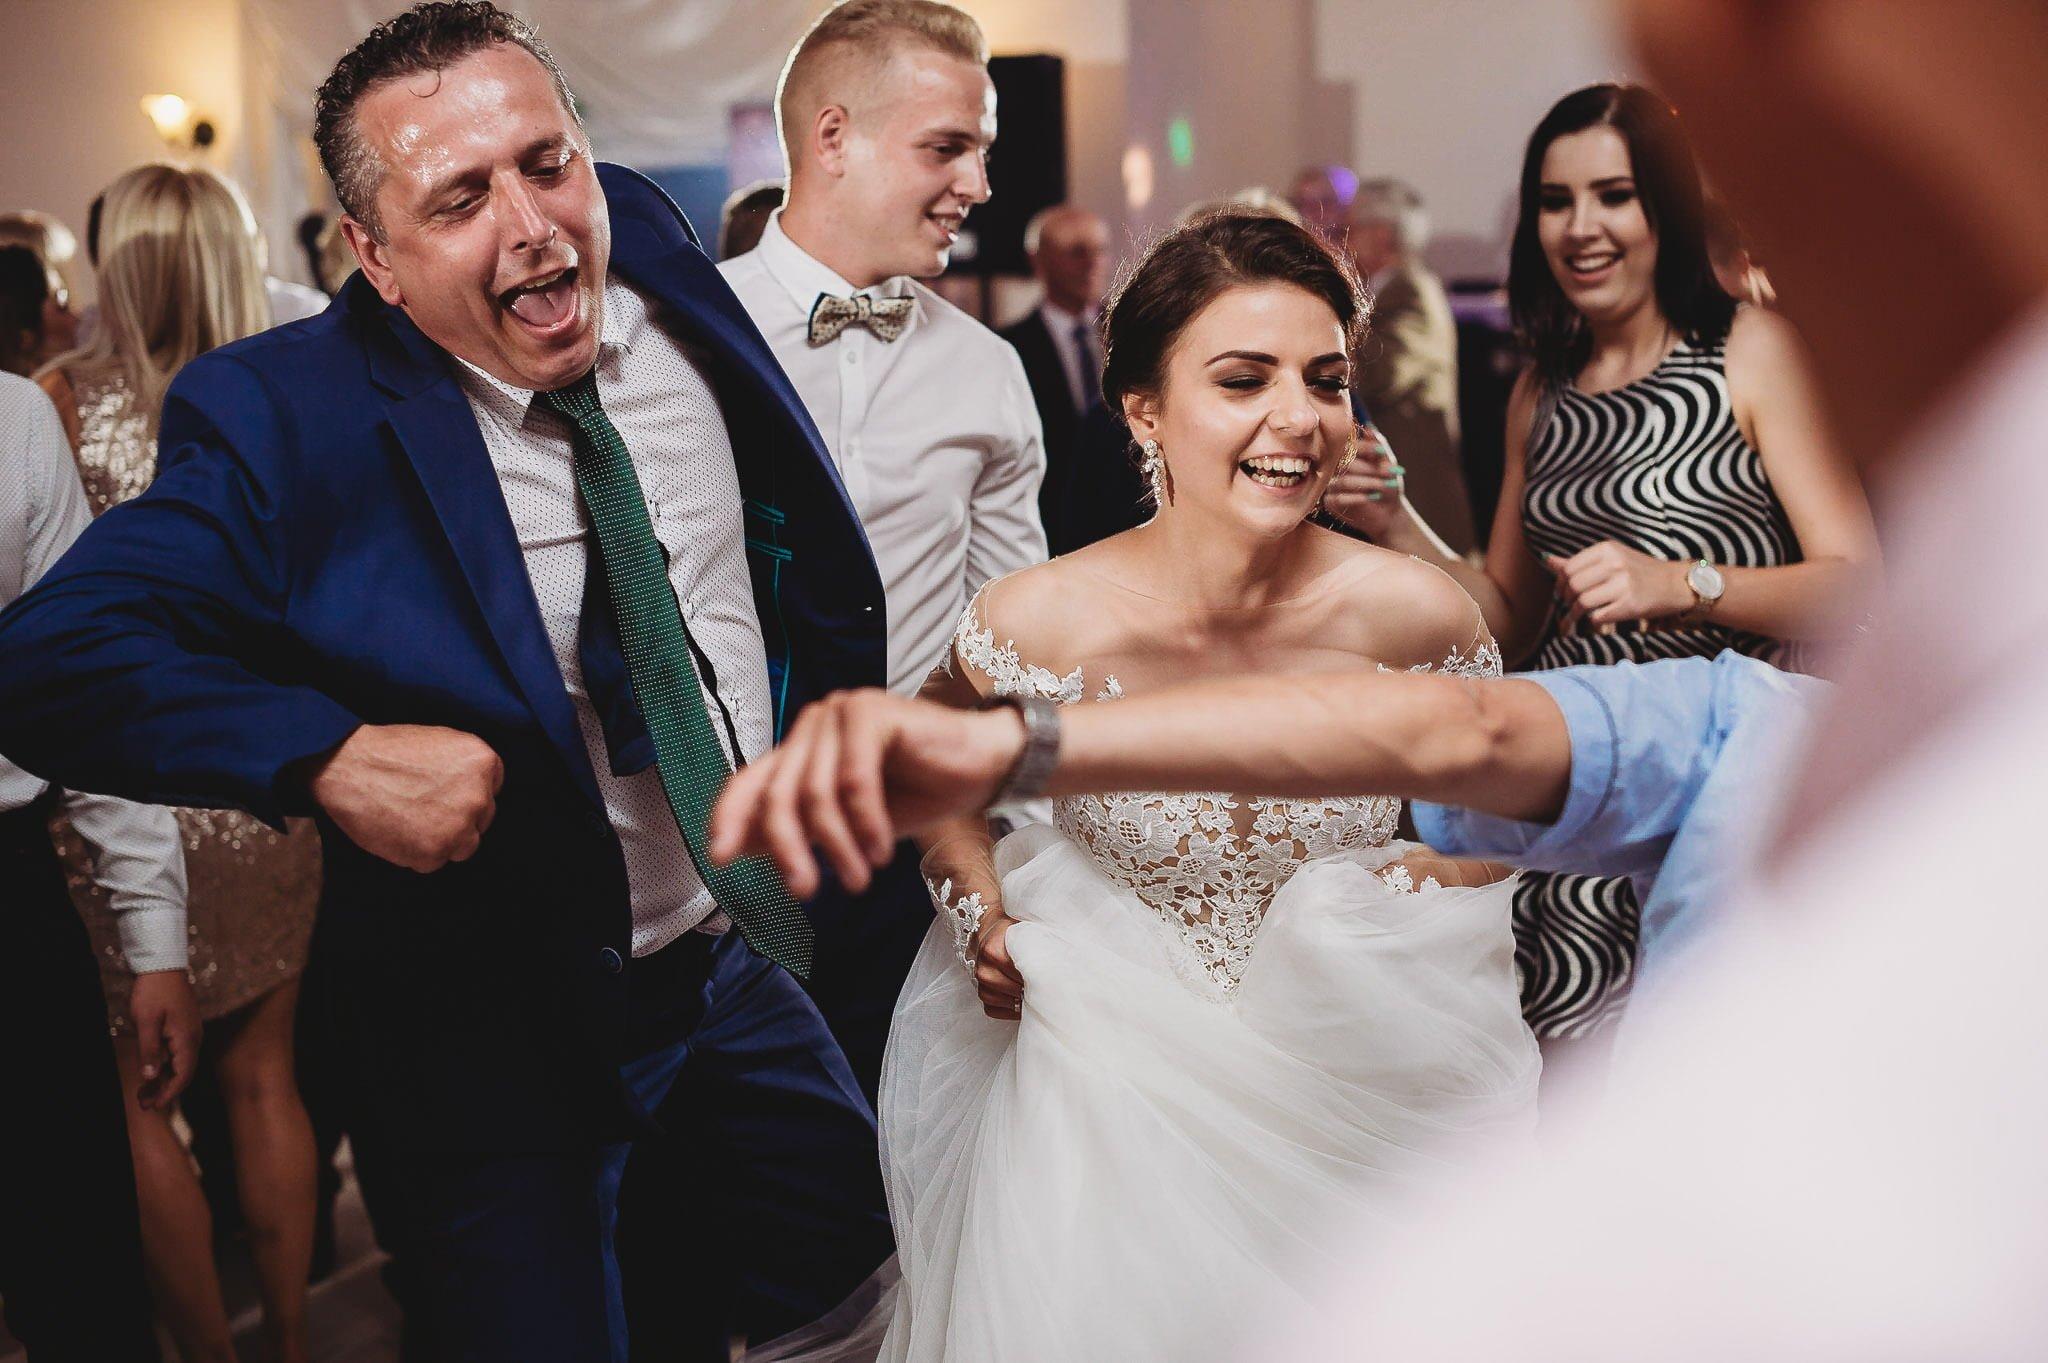 Angelika i Michał, piękne zdjęcia ślubne i sesja plenerowa w Gołuchowie 190